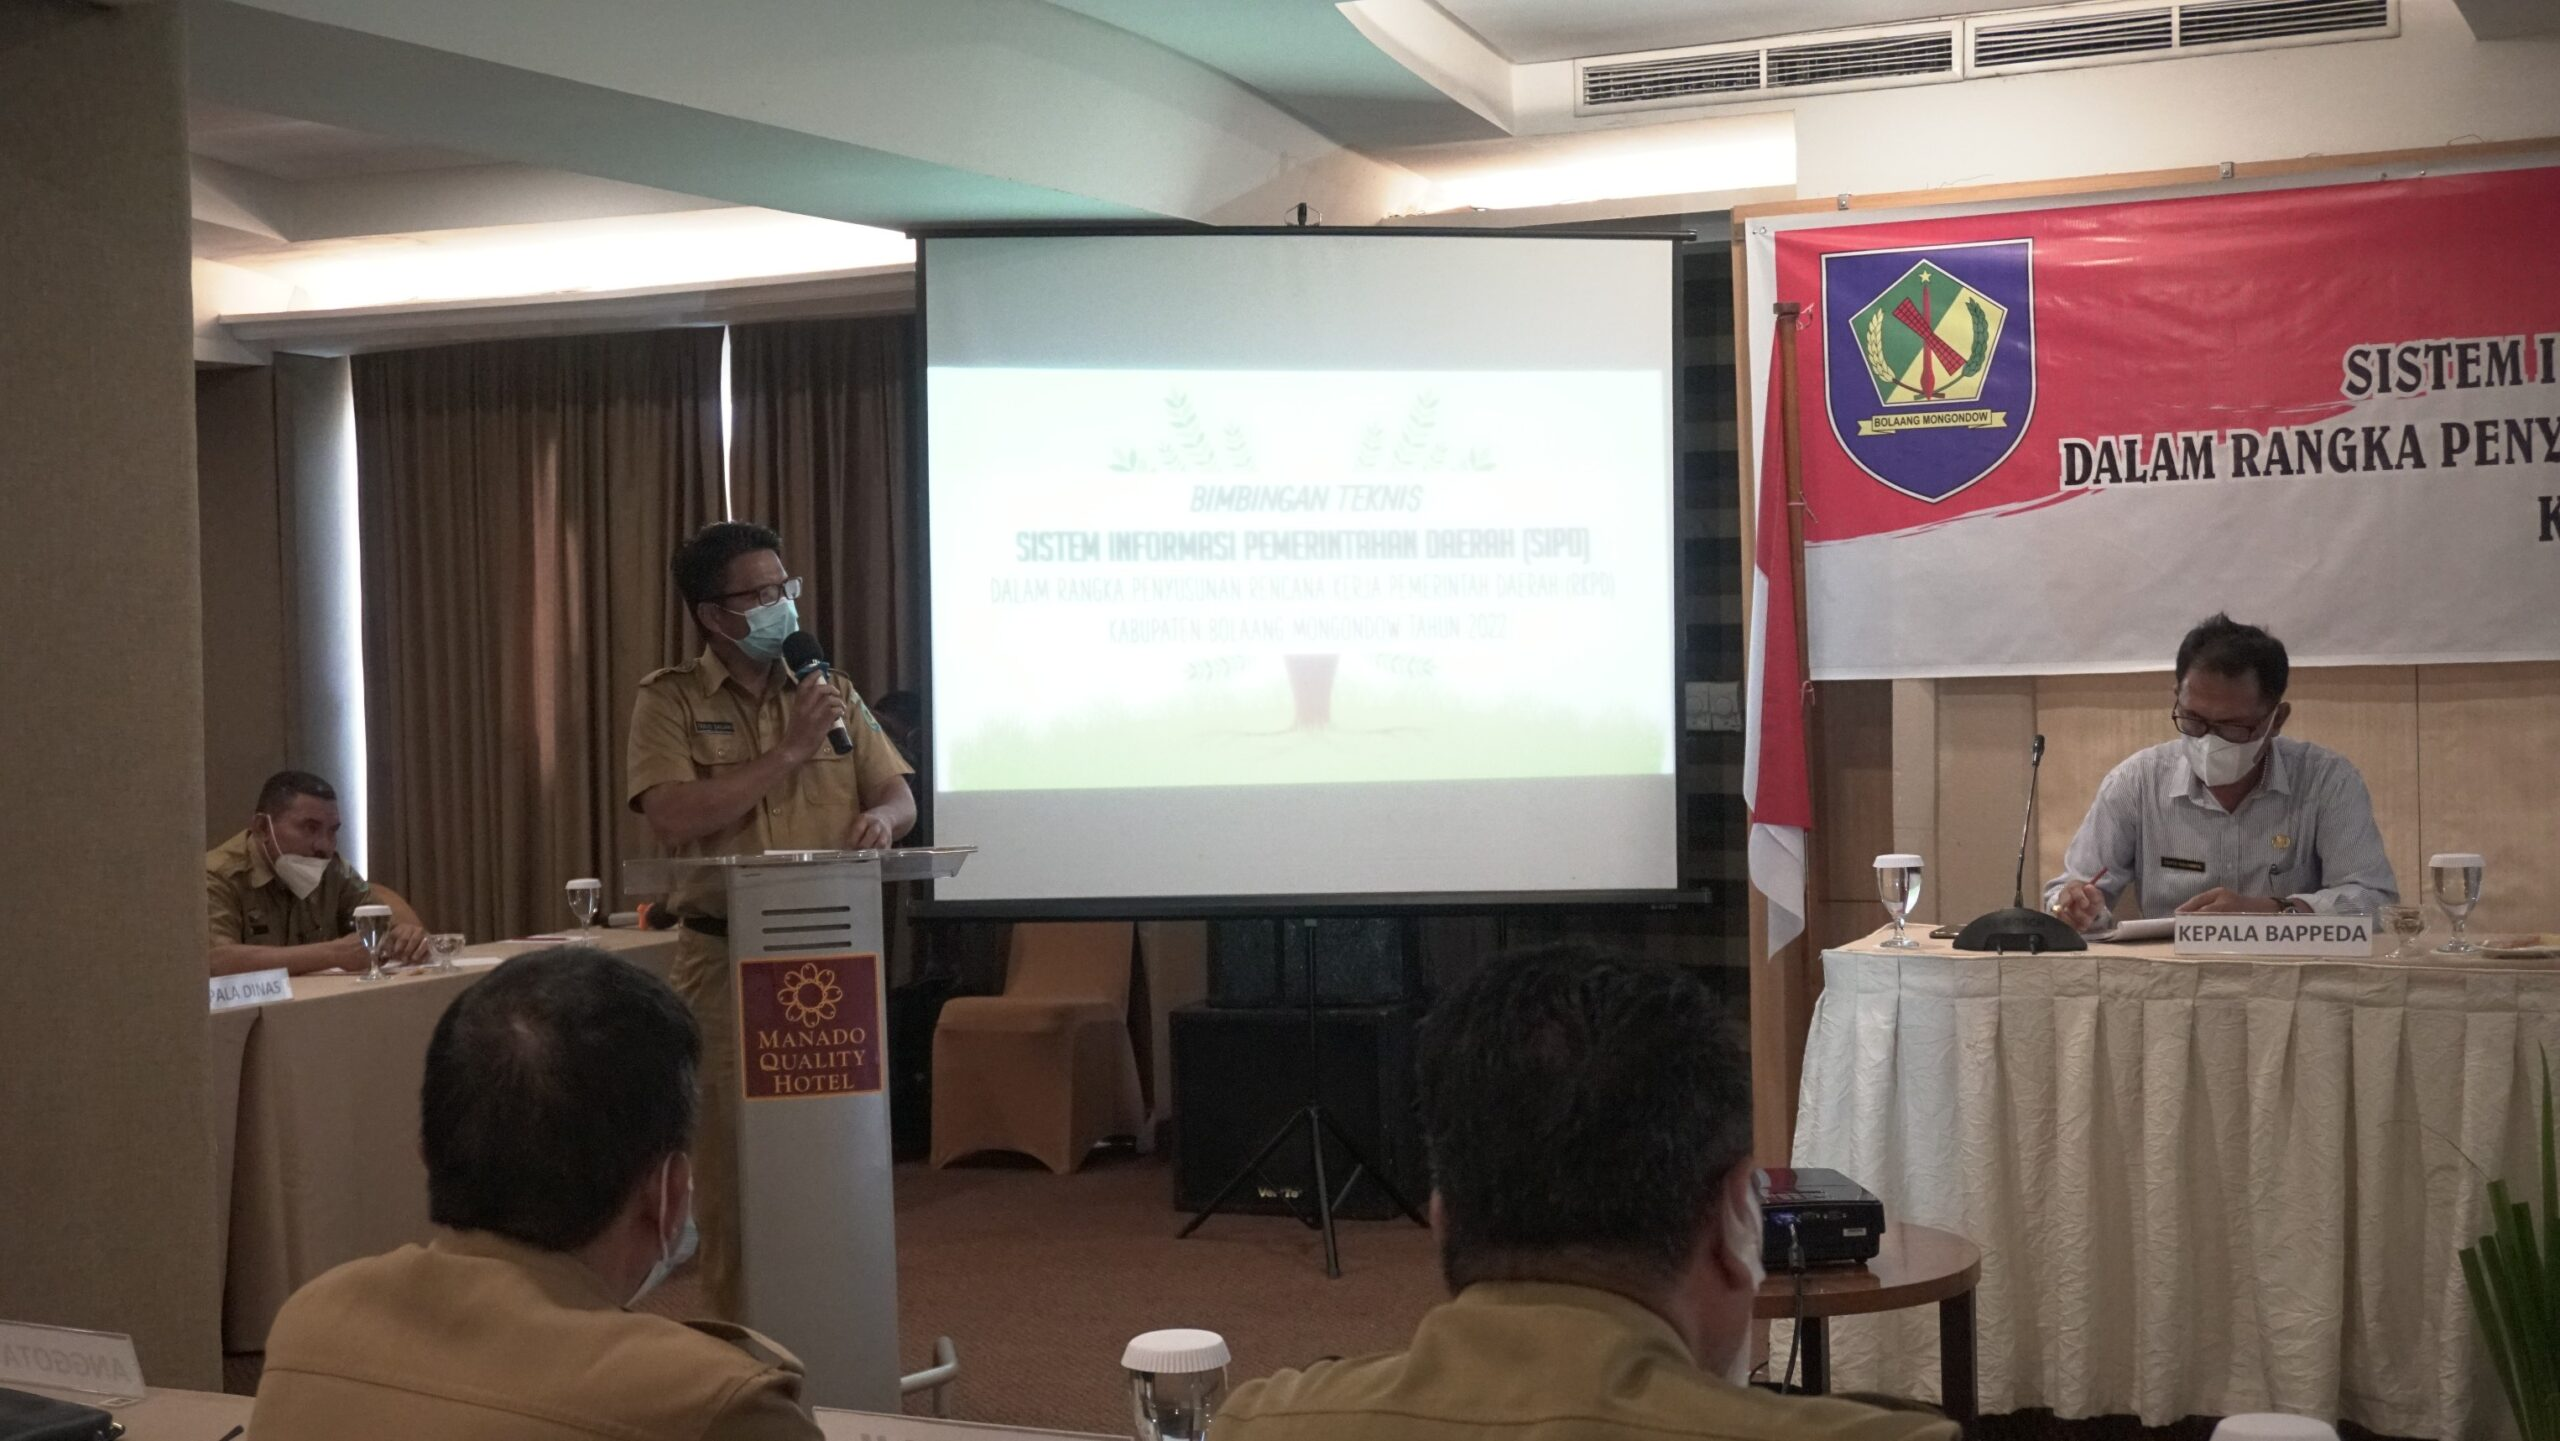 Terlihat Sekda Bolmong Tahlis Gallang saat memberikan sambutan pada kegiatan Bimtek SIPD di Hotel Quality Manado